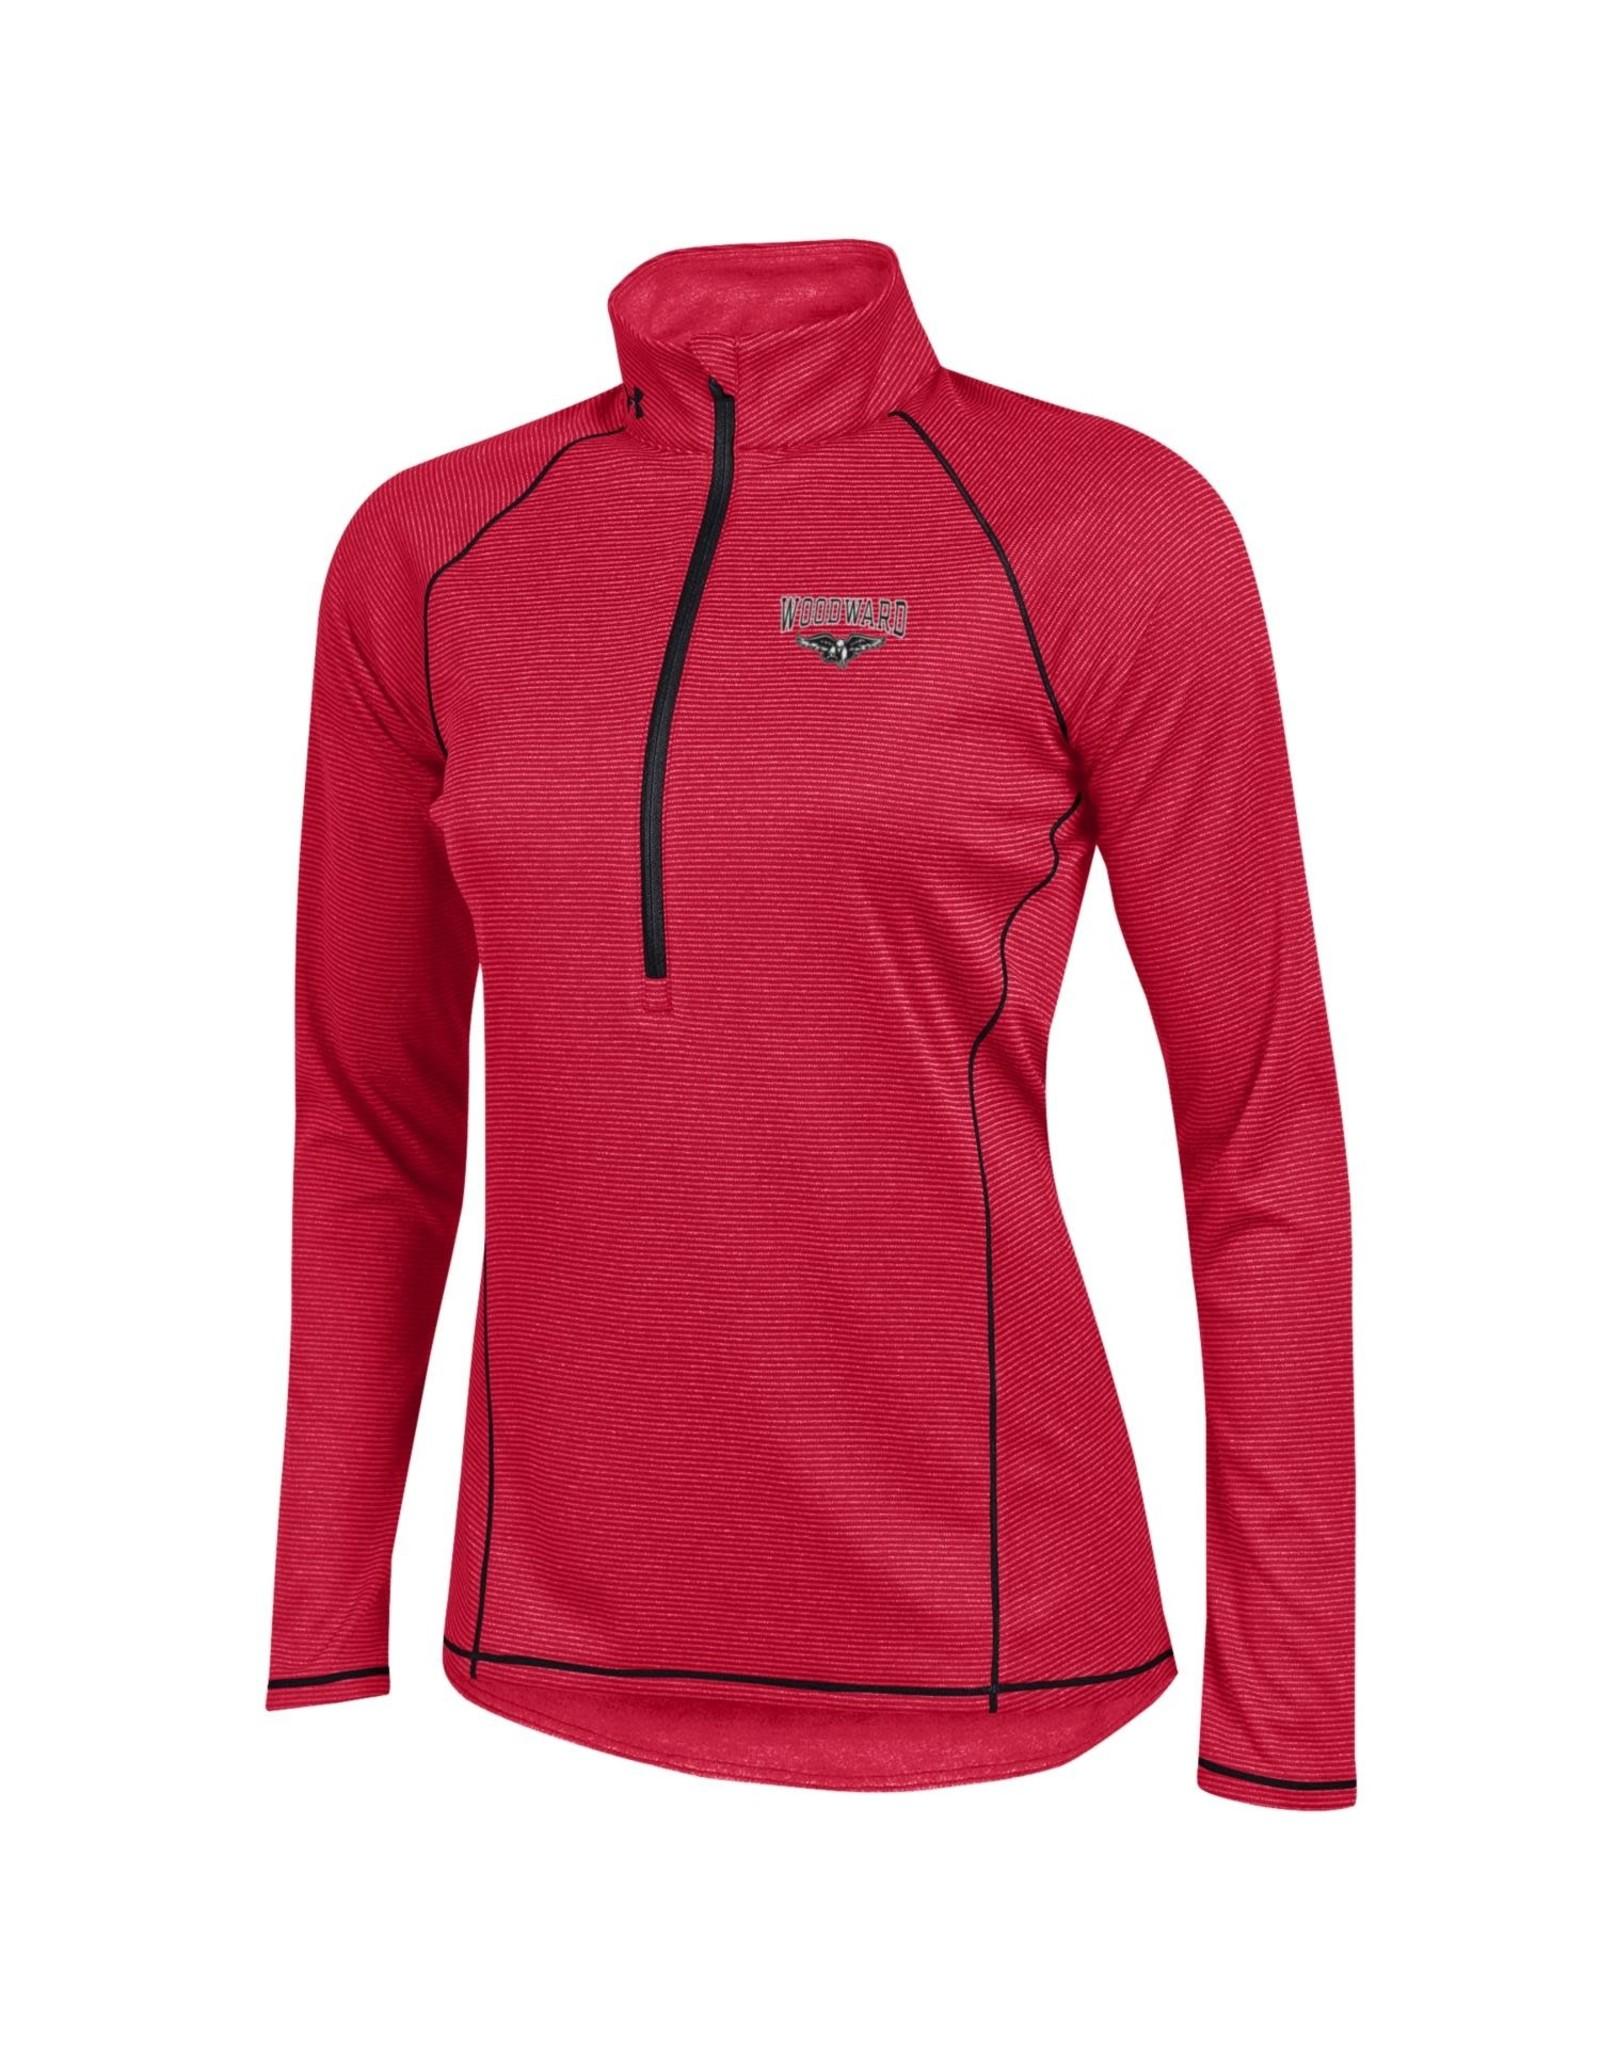 UnderArmour Ladies Red 1/2 Zip Pullover (LARGE)